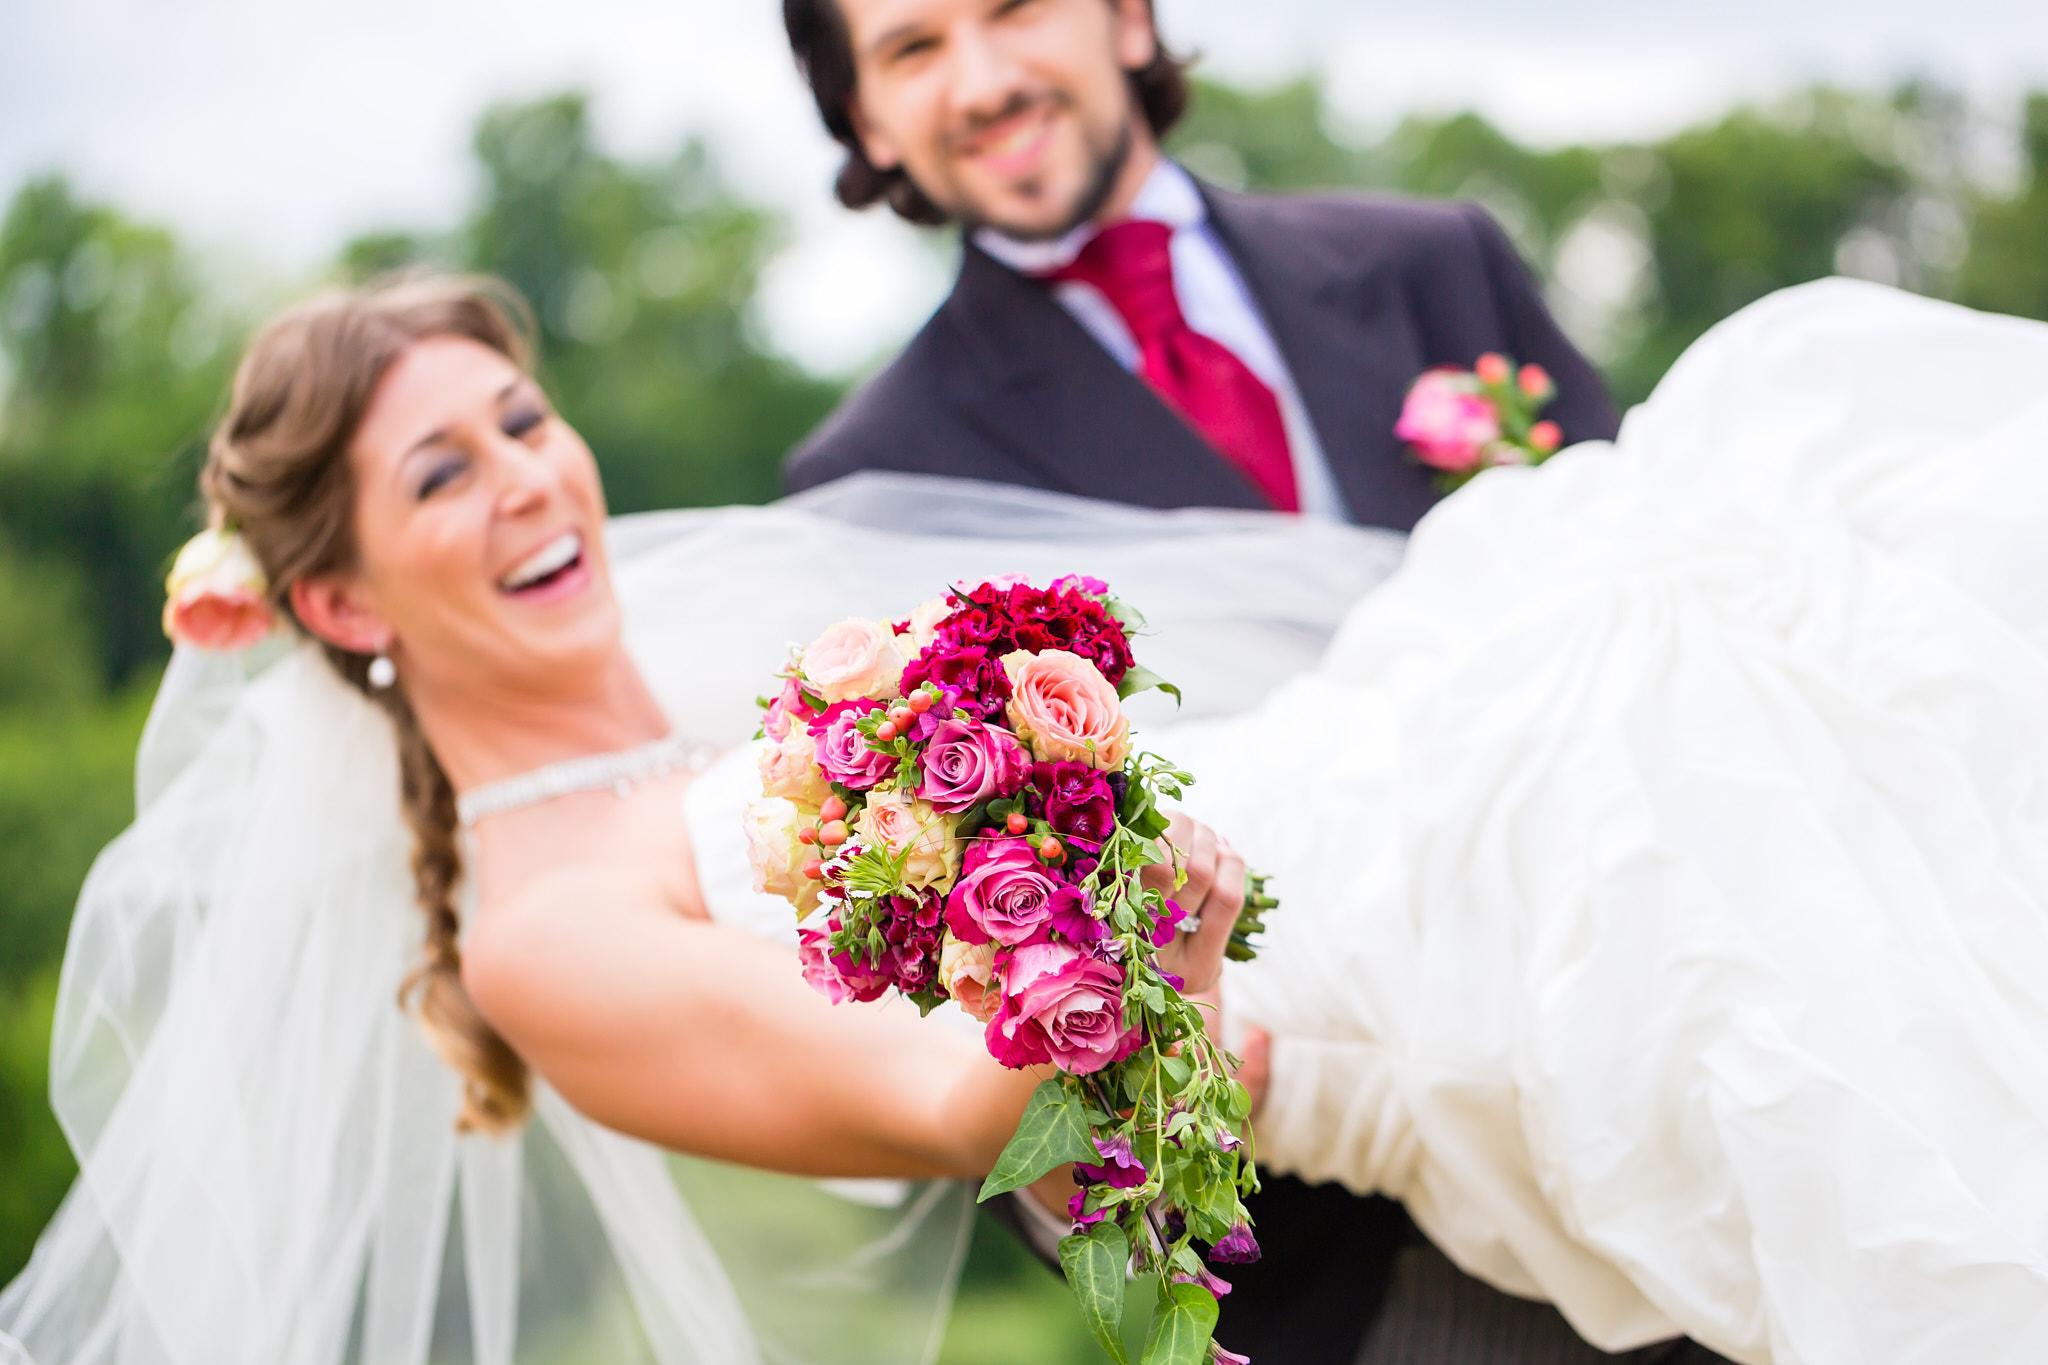 matrimonio rid 0_42